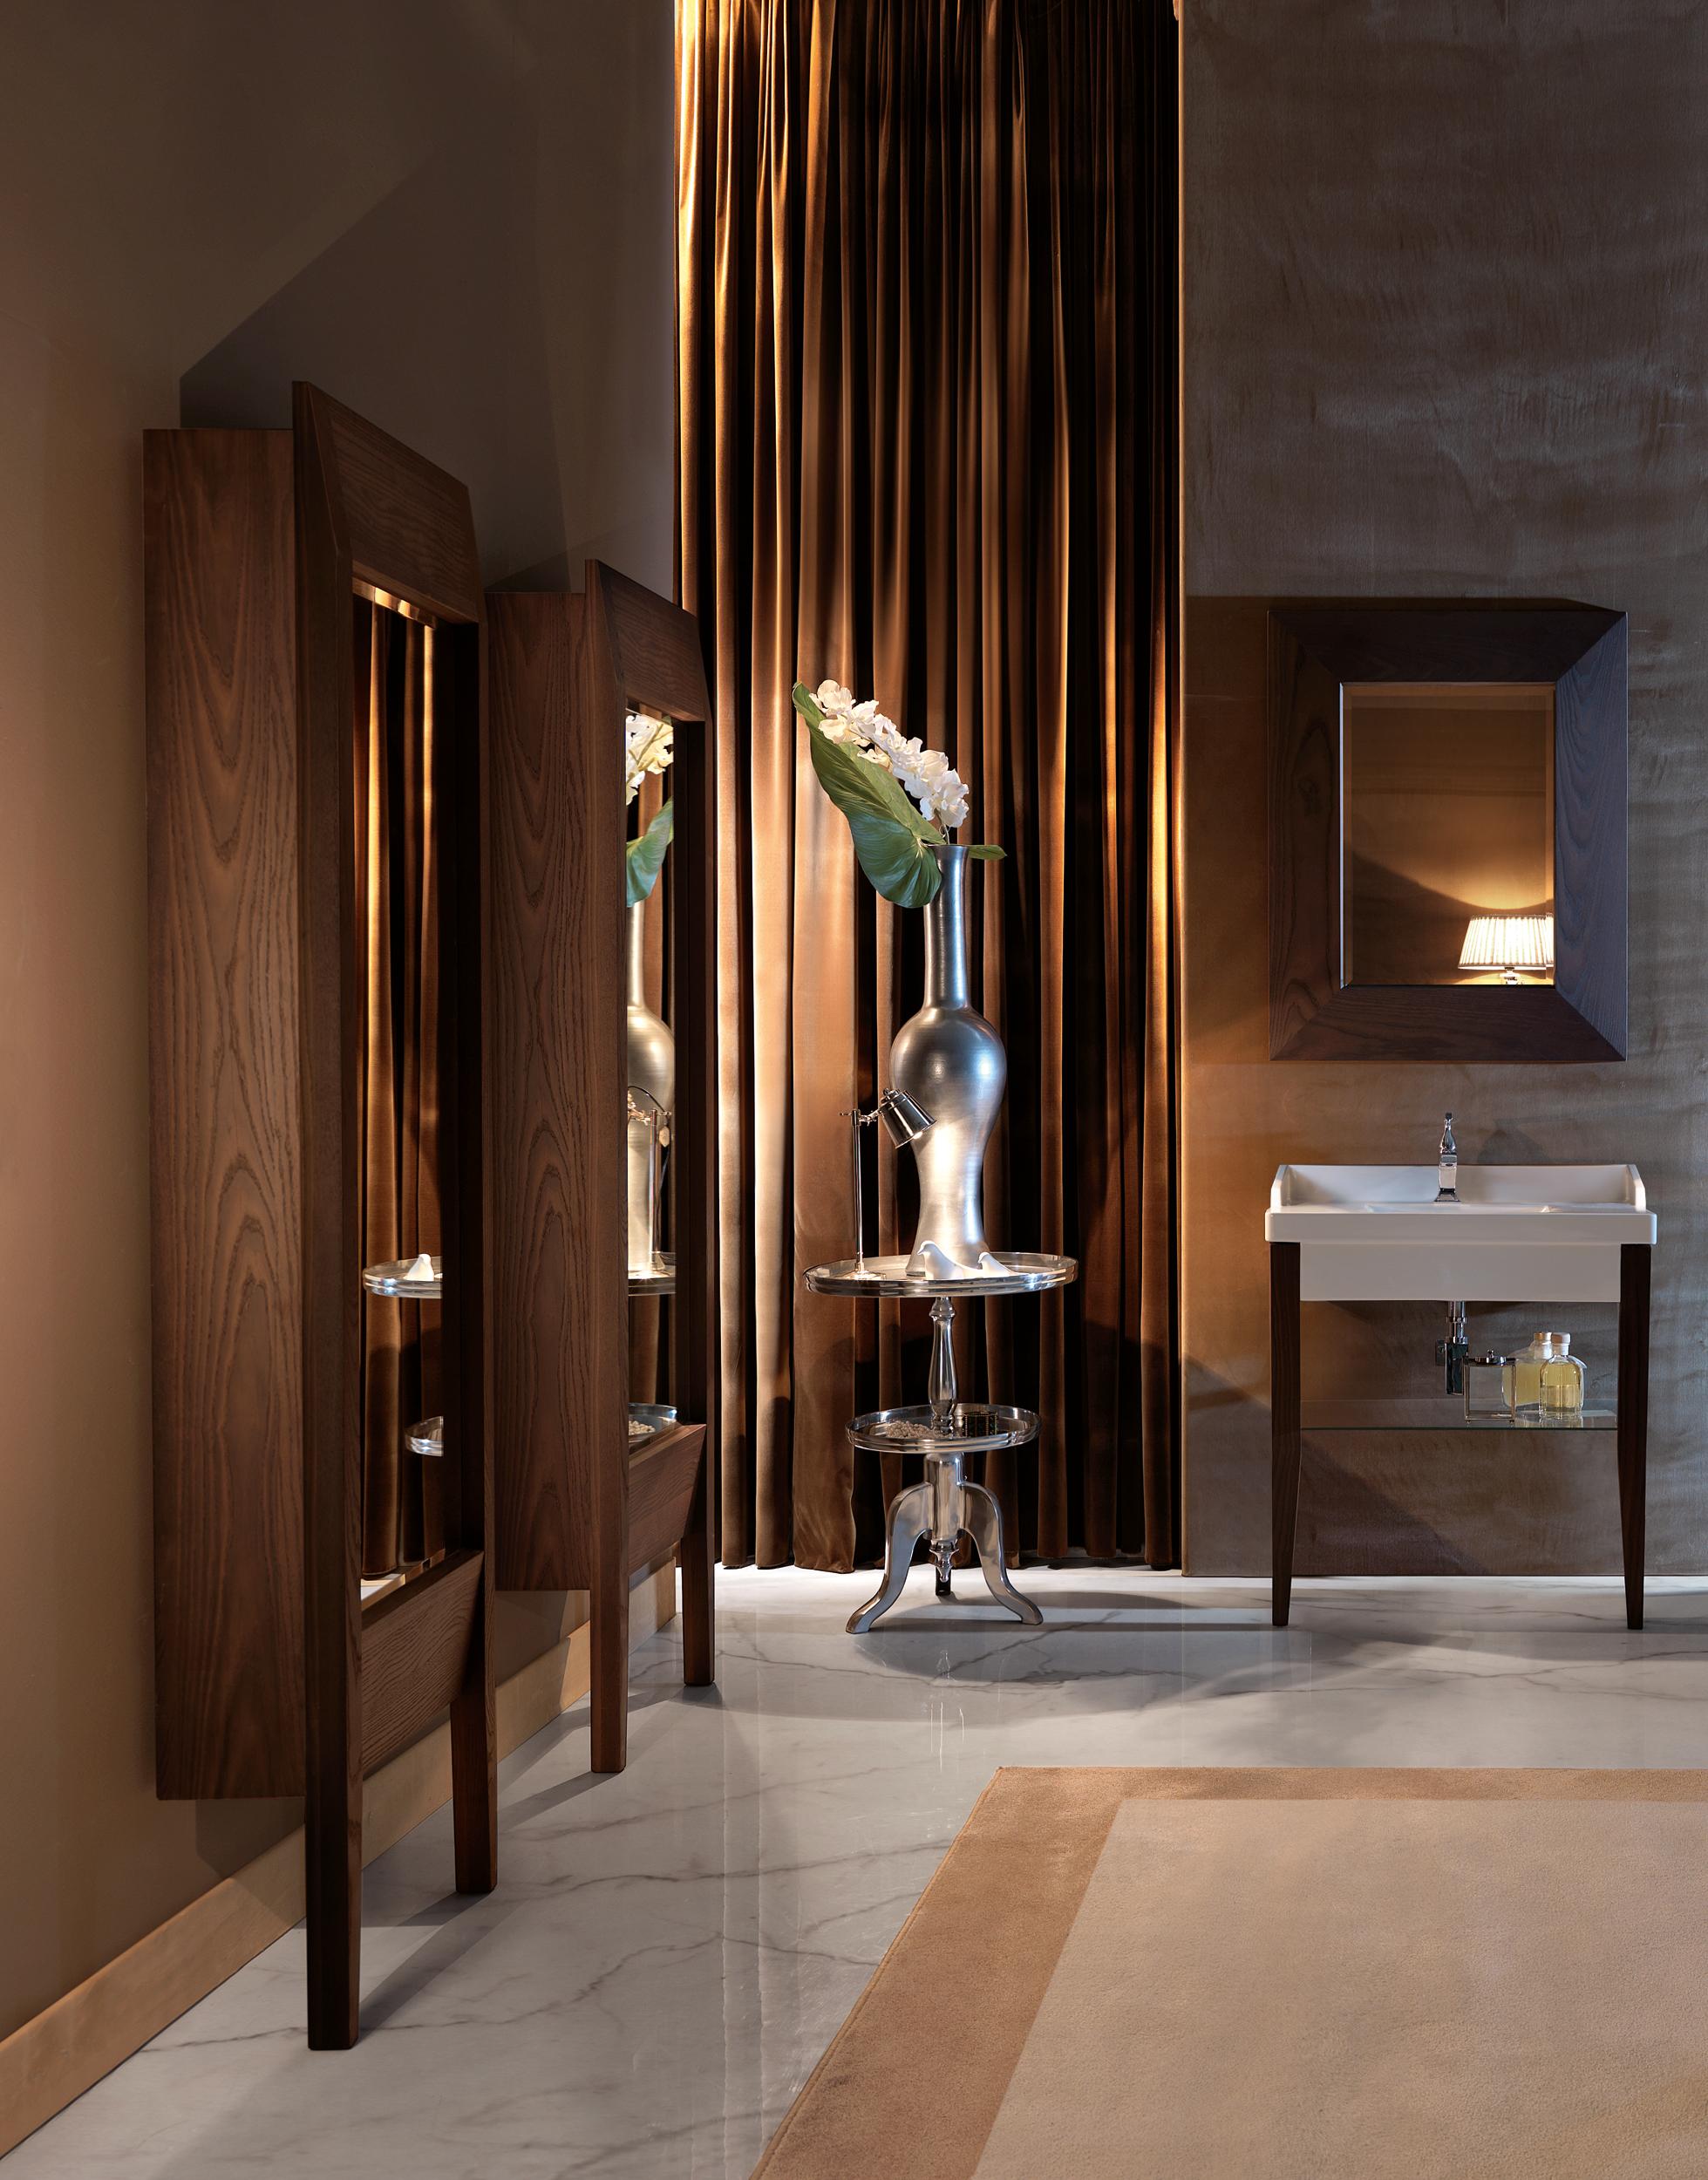 Specchi Artistici Da Bagno.Specchio Per Il Bagno Un Accessorio Indispensabile